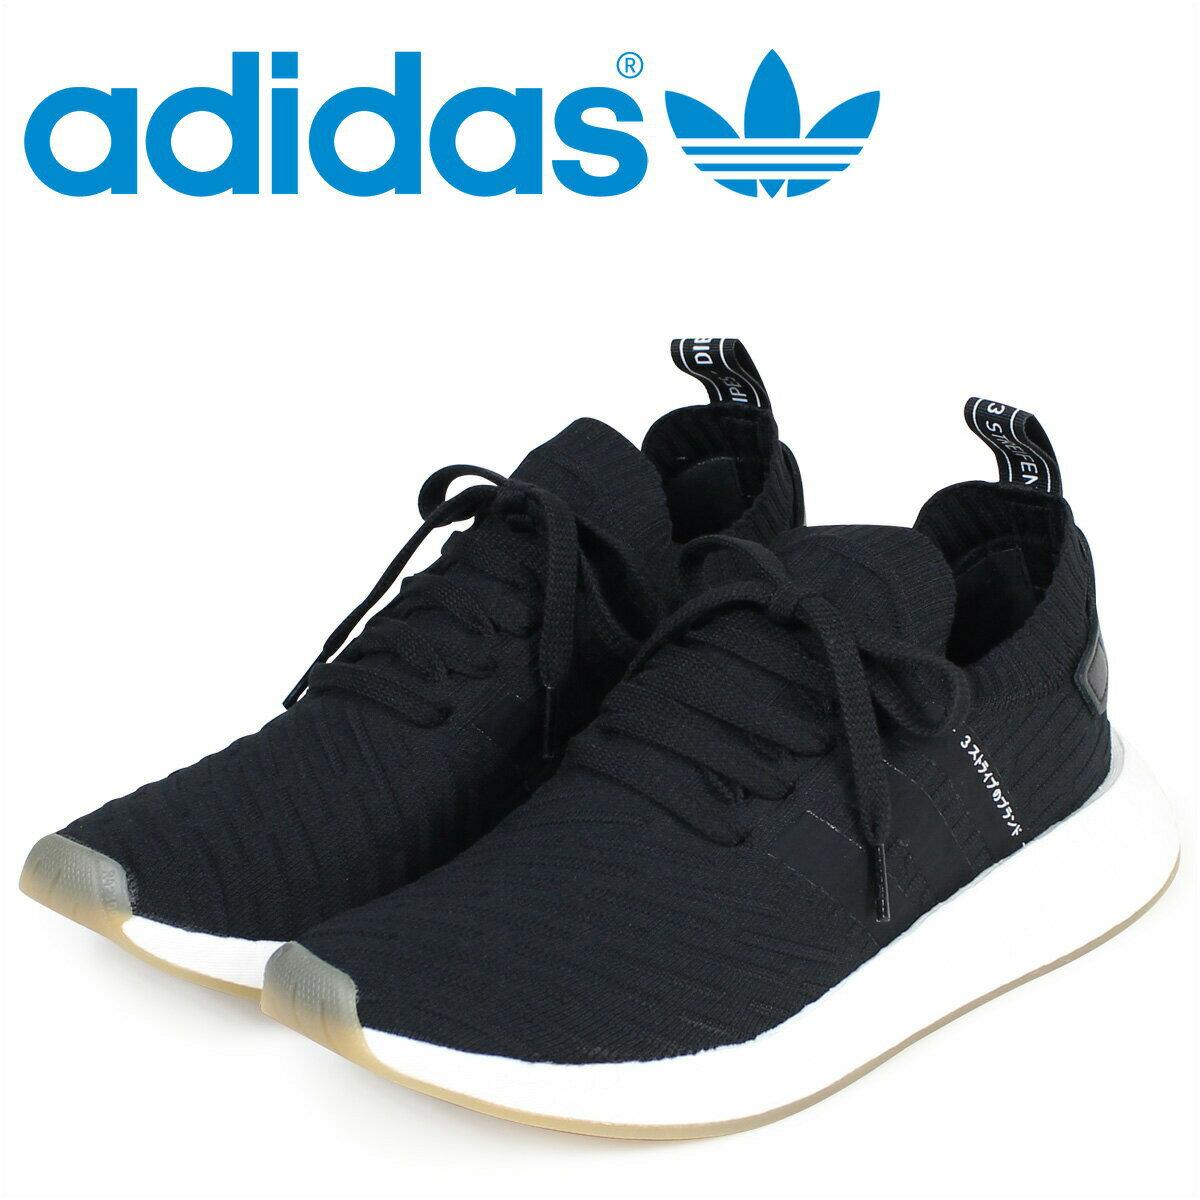 adidas NMD R1 PK アディダス originals スニーカー ノマド メンズ BY9696 靴 ブラック